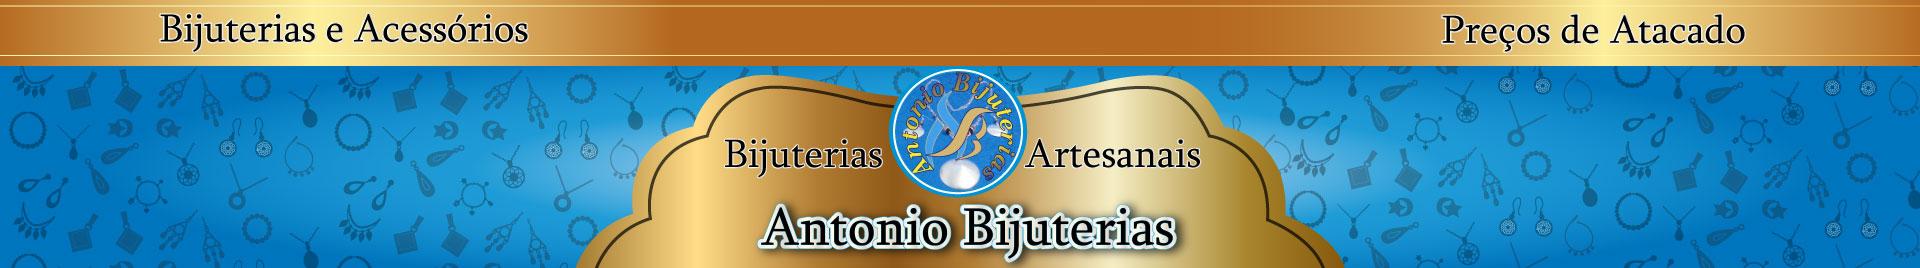 Antonio Bijuterias/Bijuterias Artesanais